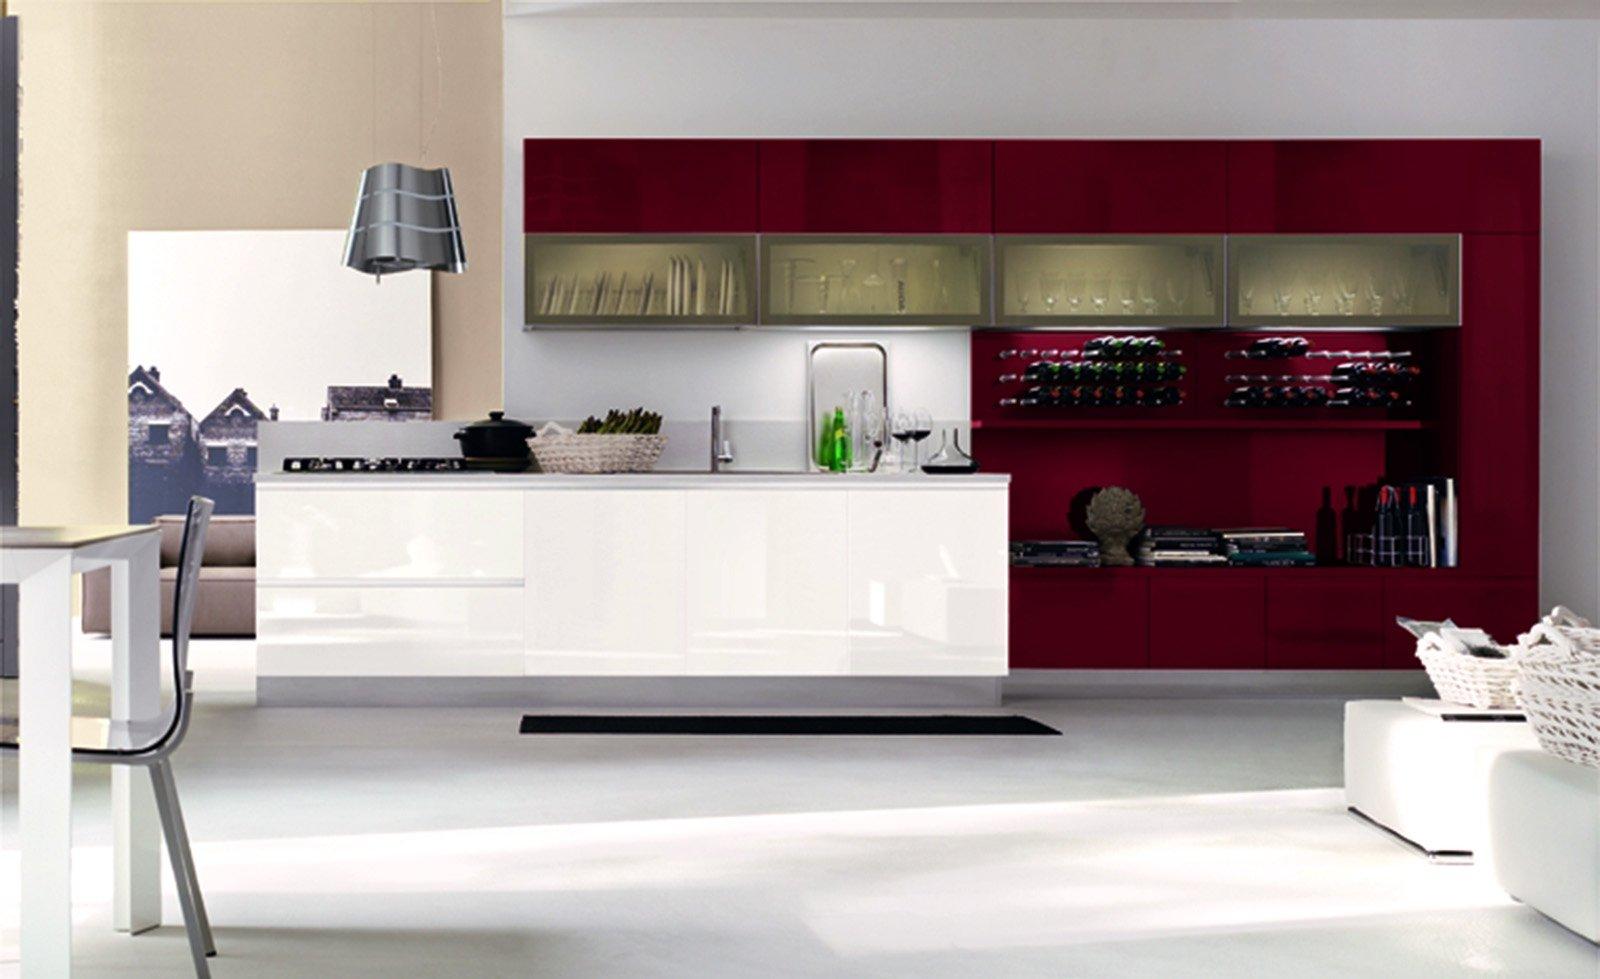 Casabook immobiliare scegliere la cucina con un tocco di for Programma per comporre cucine